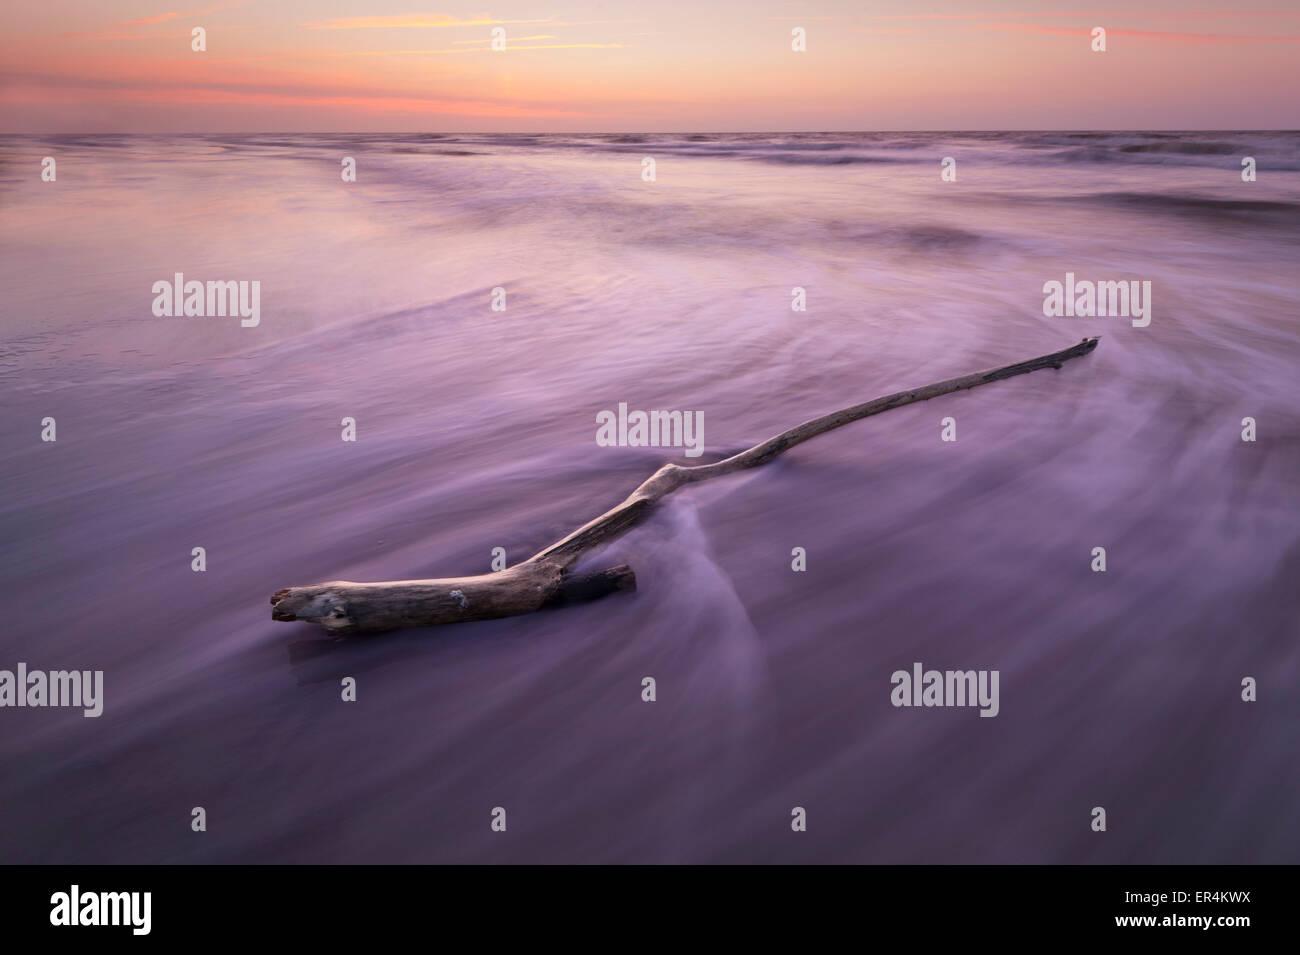 Direction générale sur plage avec des vagues de flou Photo Stock